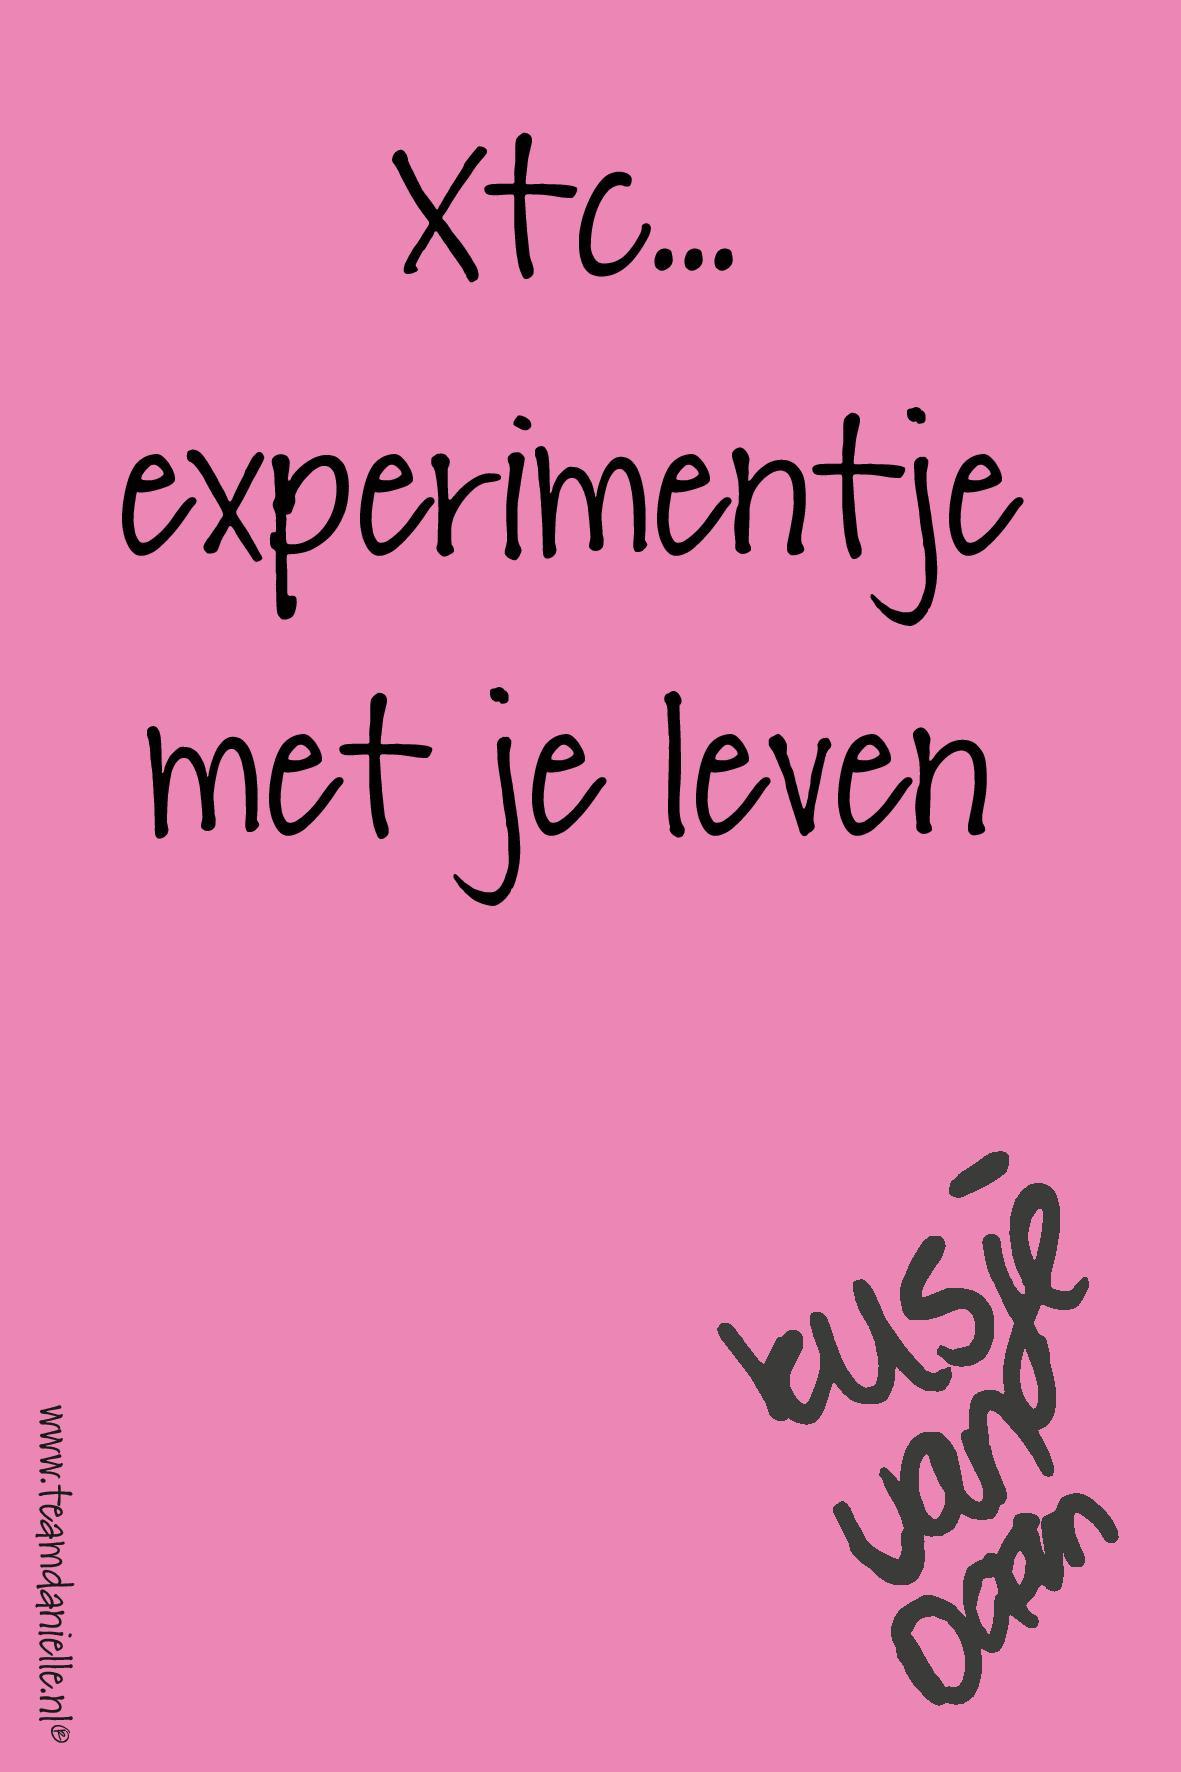 Kusje-180904-experimentje met je leven